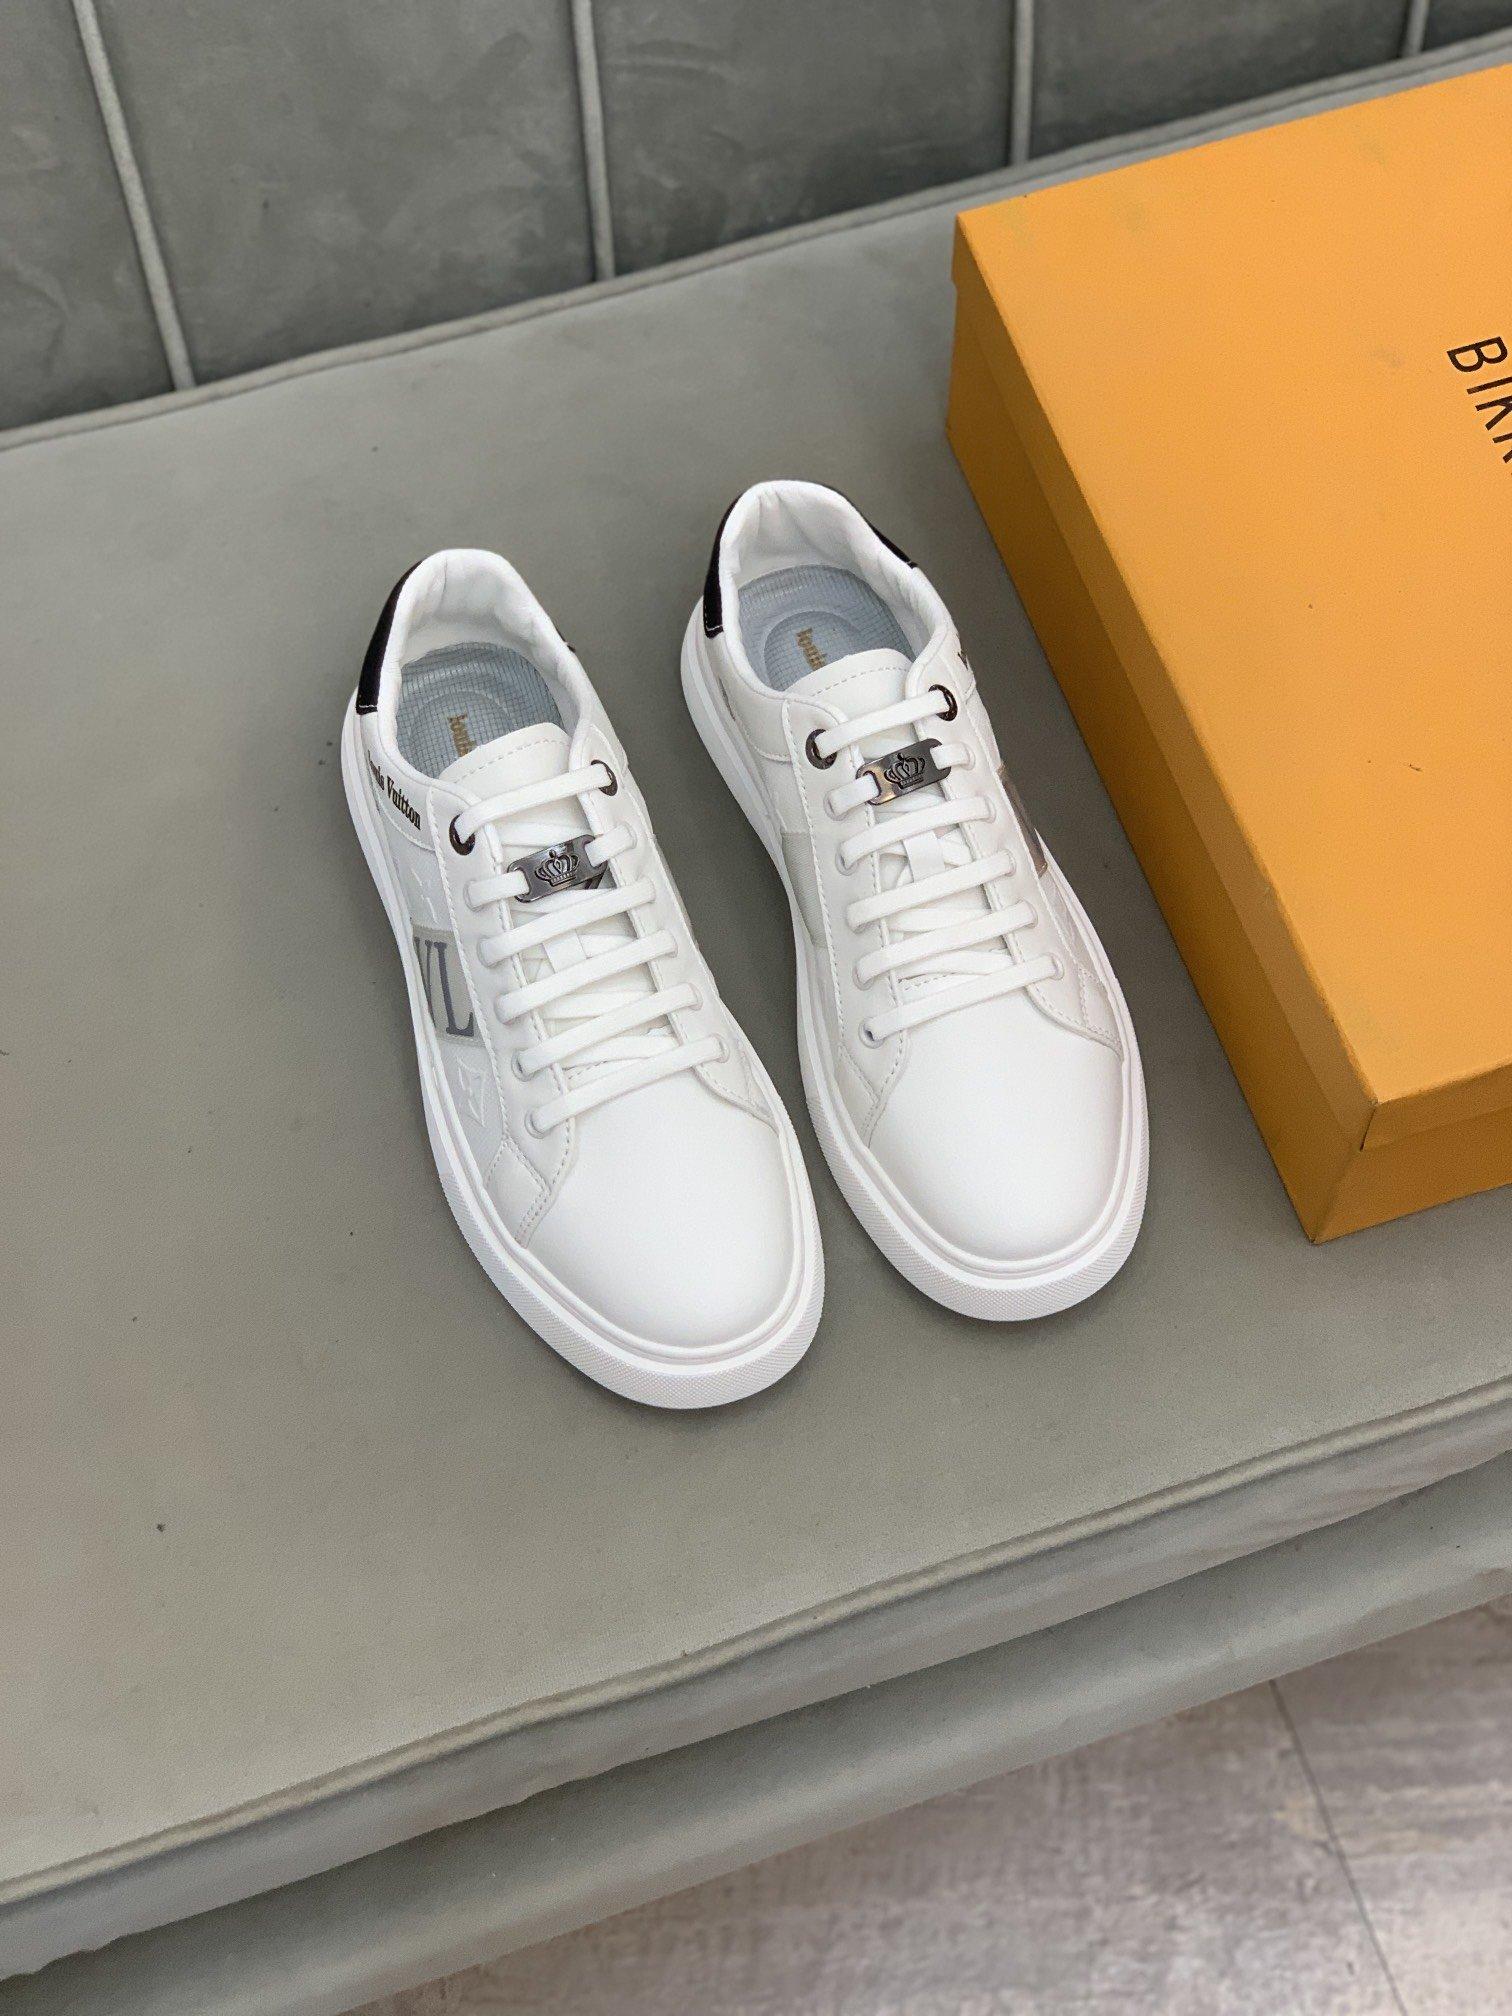 LV*路易威*]低帮休闲鞋正码码数: